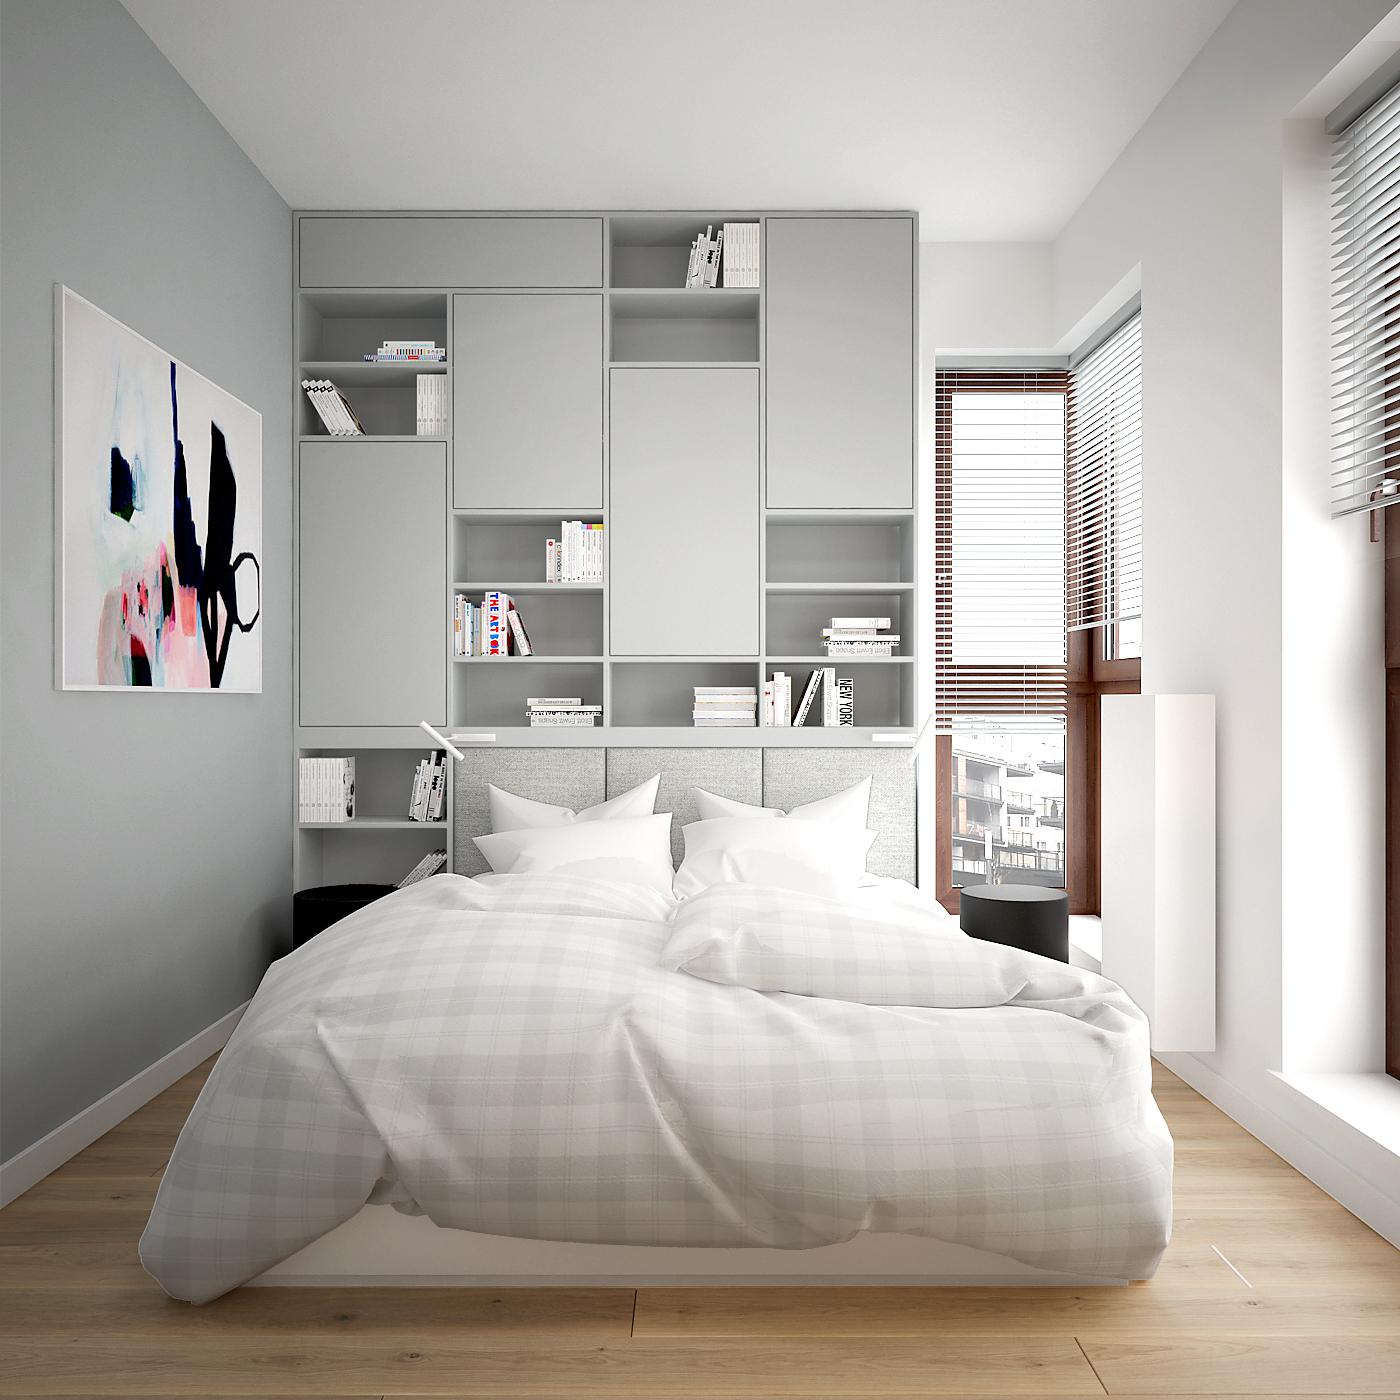 15 projekt wnetrza 537 mieszkanie krakow sypialnia szara zabudowa meblowa za lozkiem tapicerowany zaglowek deska na podlodze